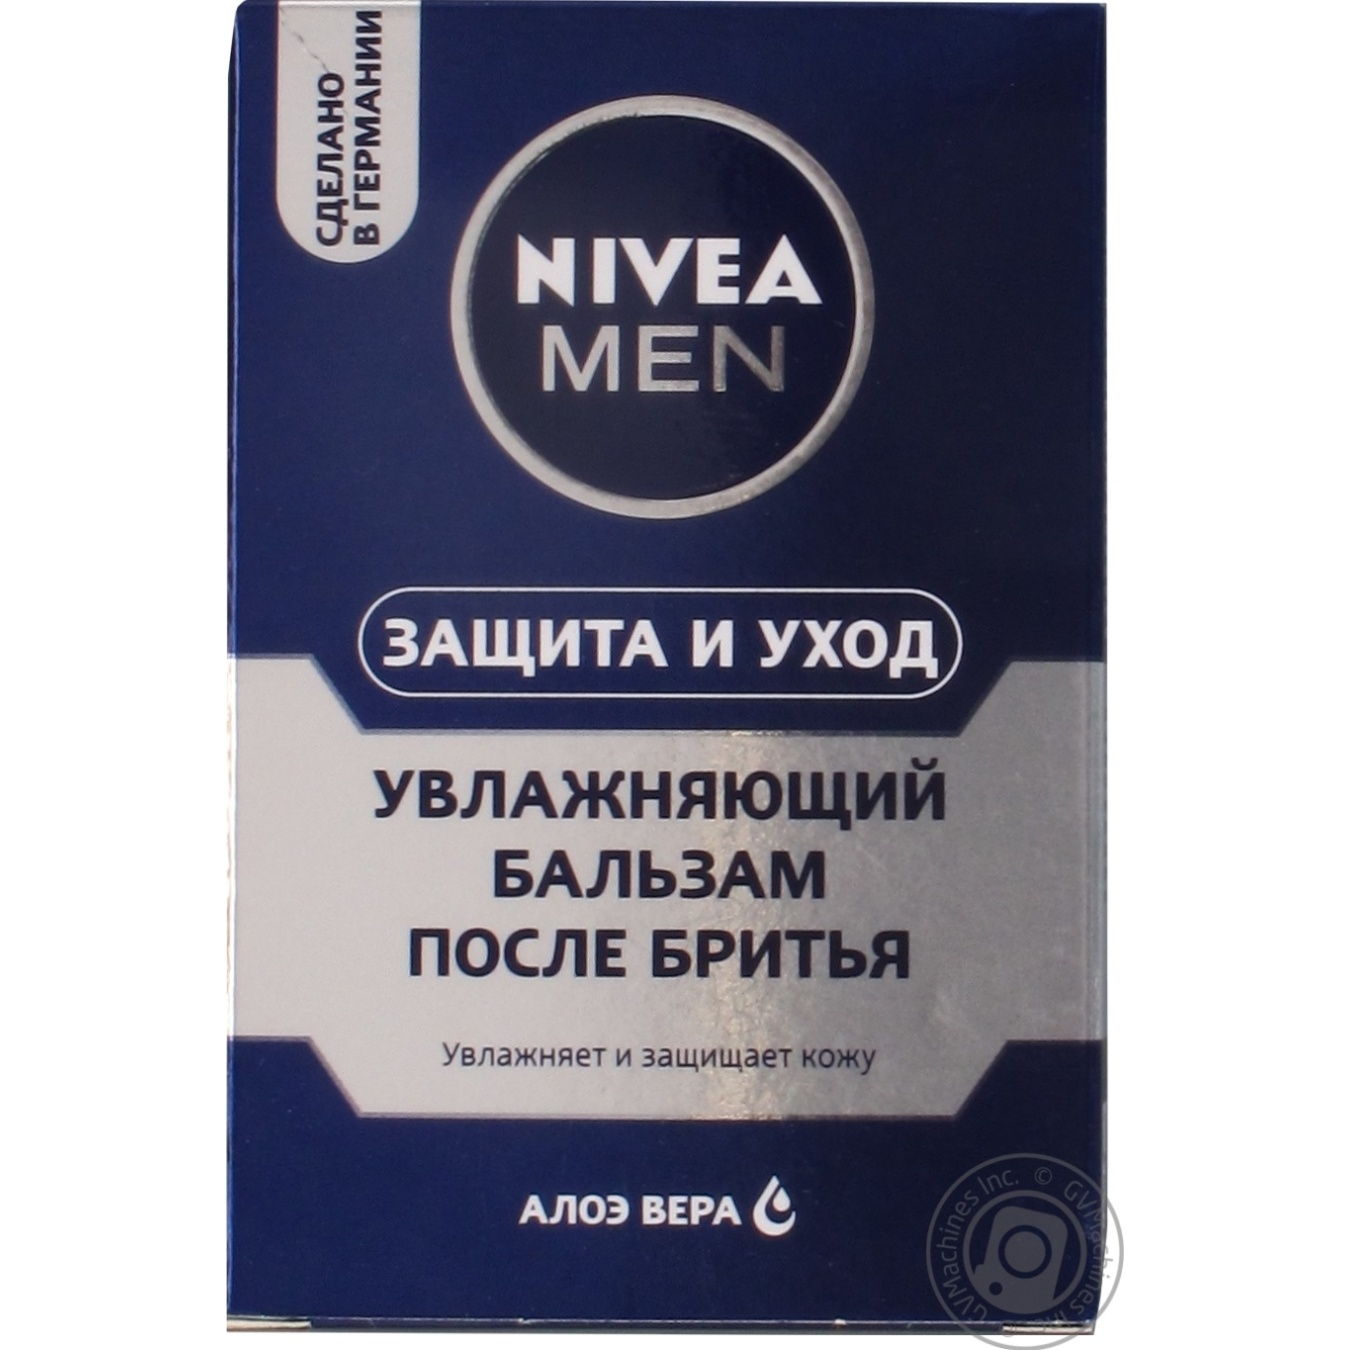 Купить Бальзам Nivea Men после бритья 100мл